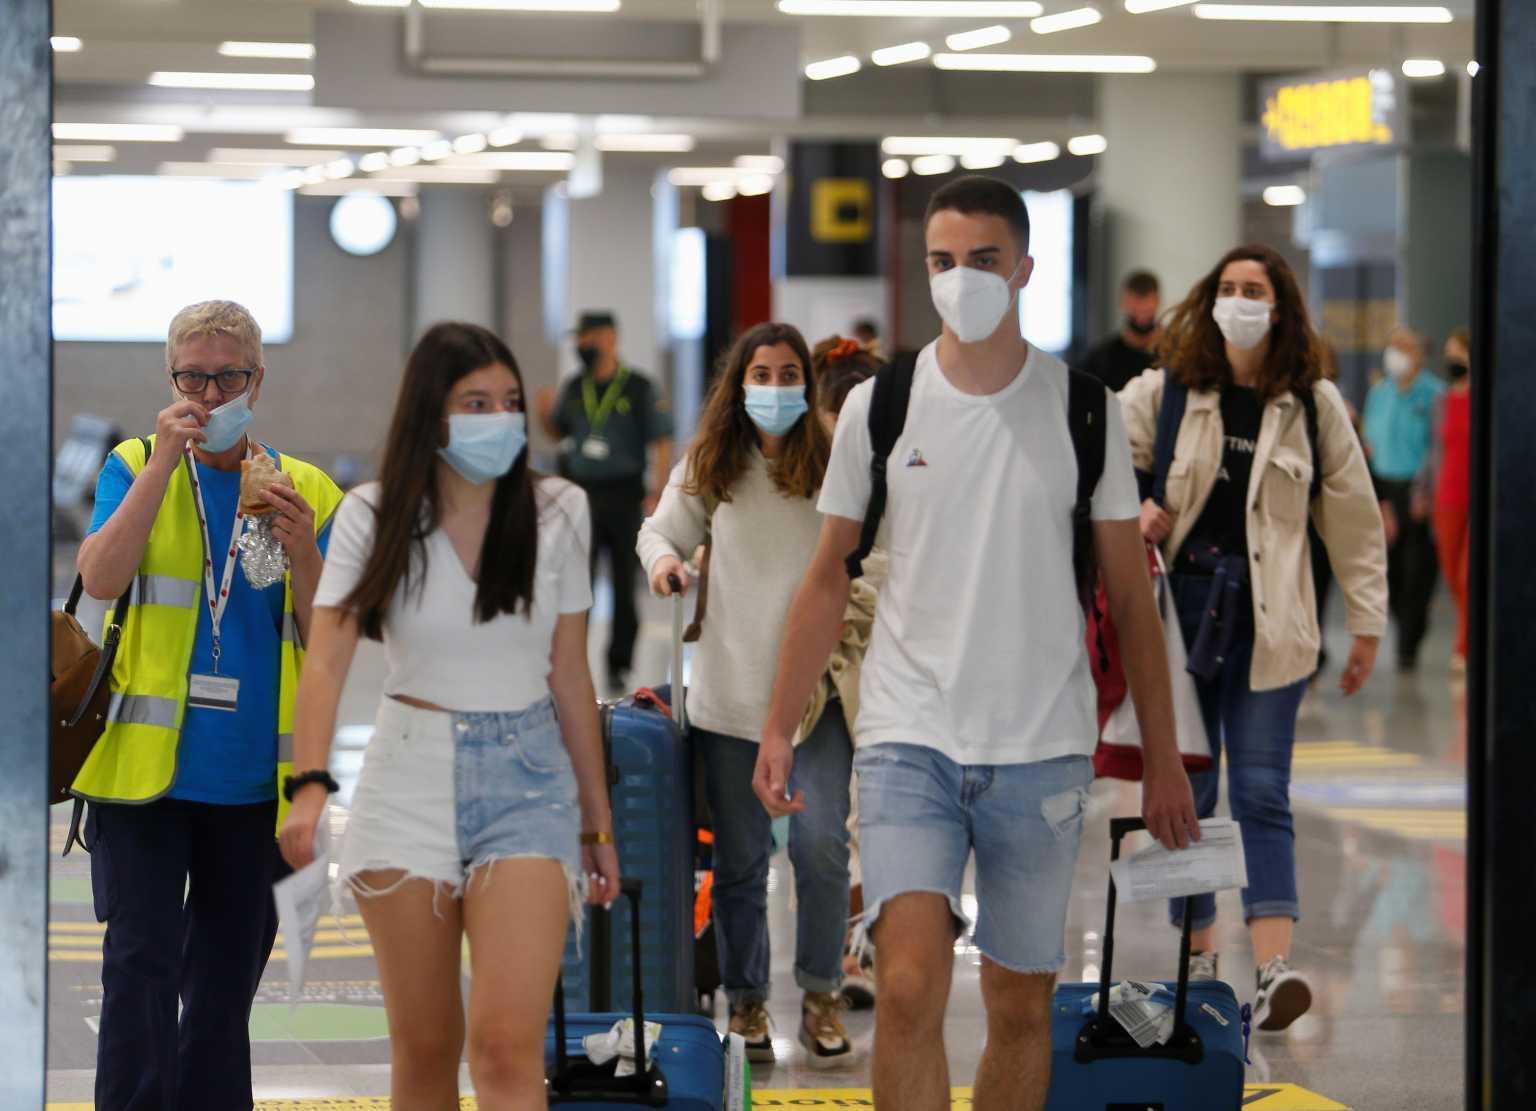 Βρετανία: Καραντίνα τέλος για τους τουρίστες από 19 Ιουλίου – Επιστροφή από Ελλάδα μόνο με τεστ